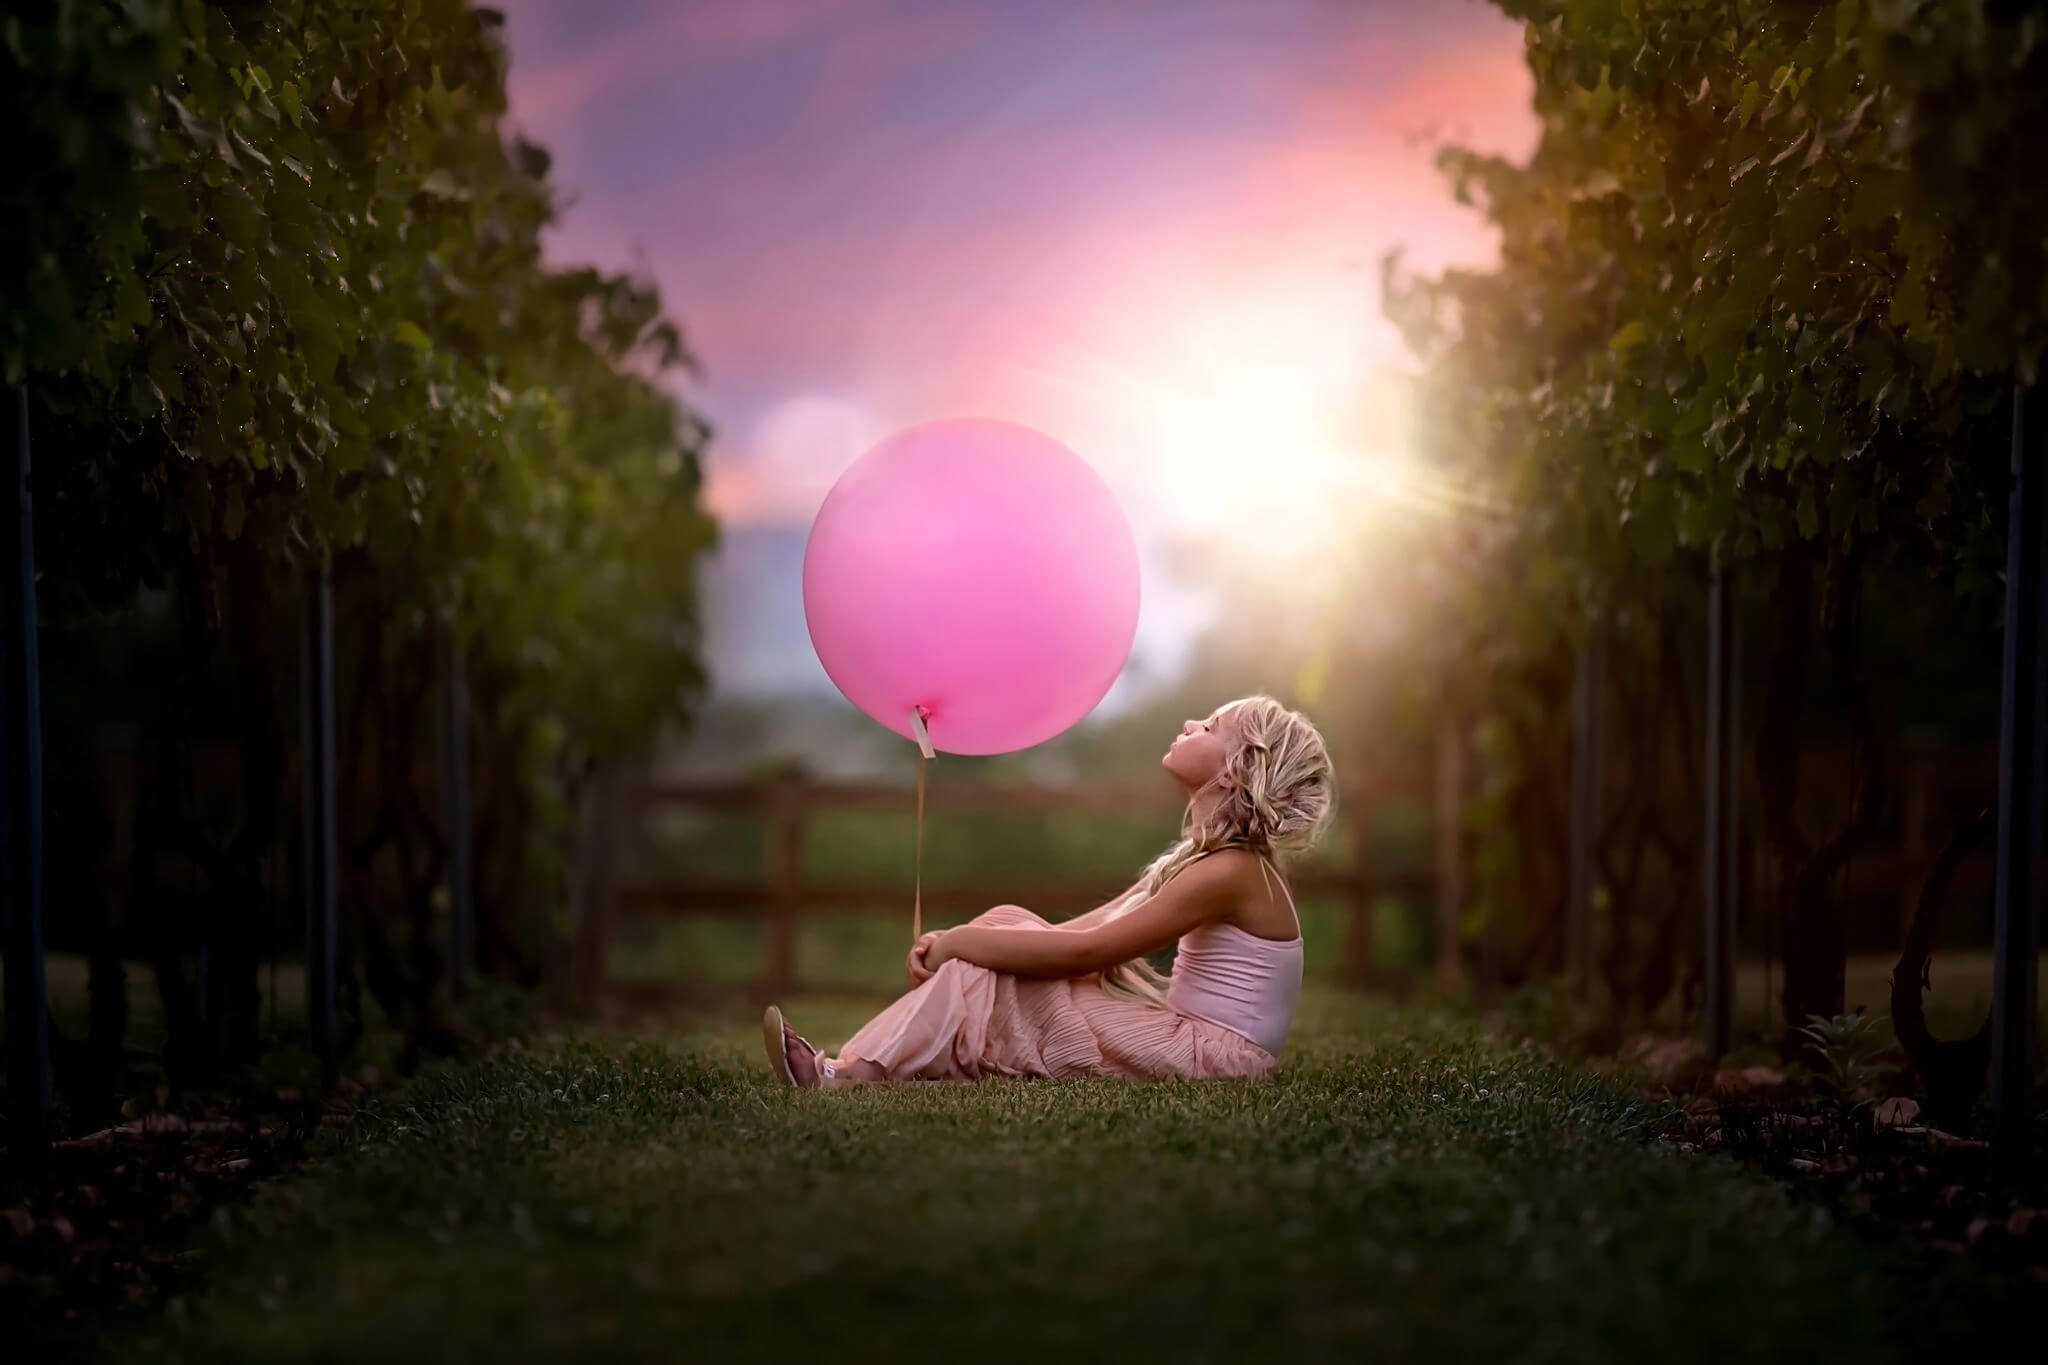 Красивые и приятные картинки для души и настроения - подборка 14